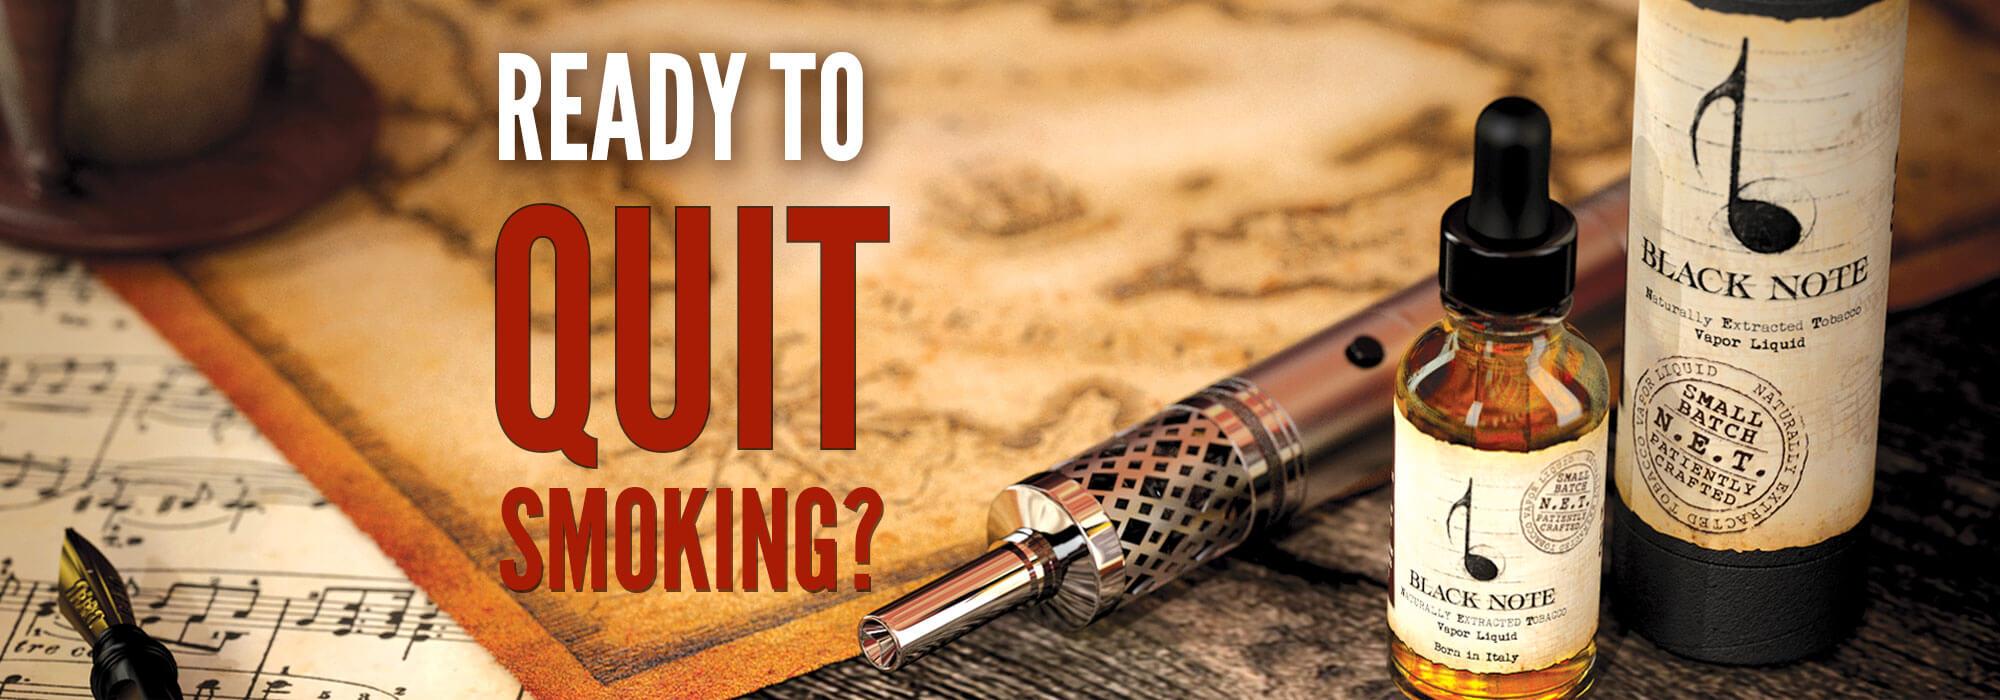 quit-smoking-banner